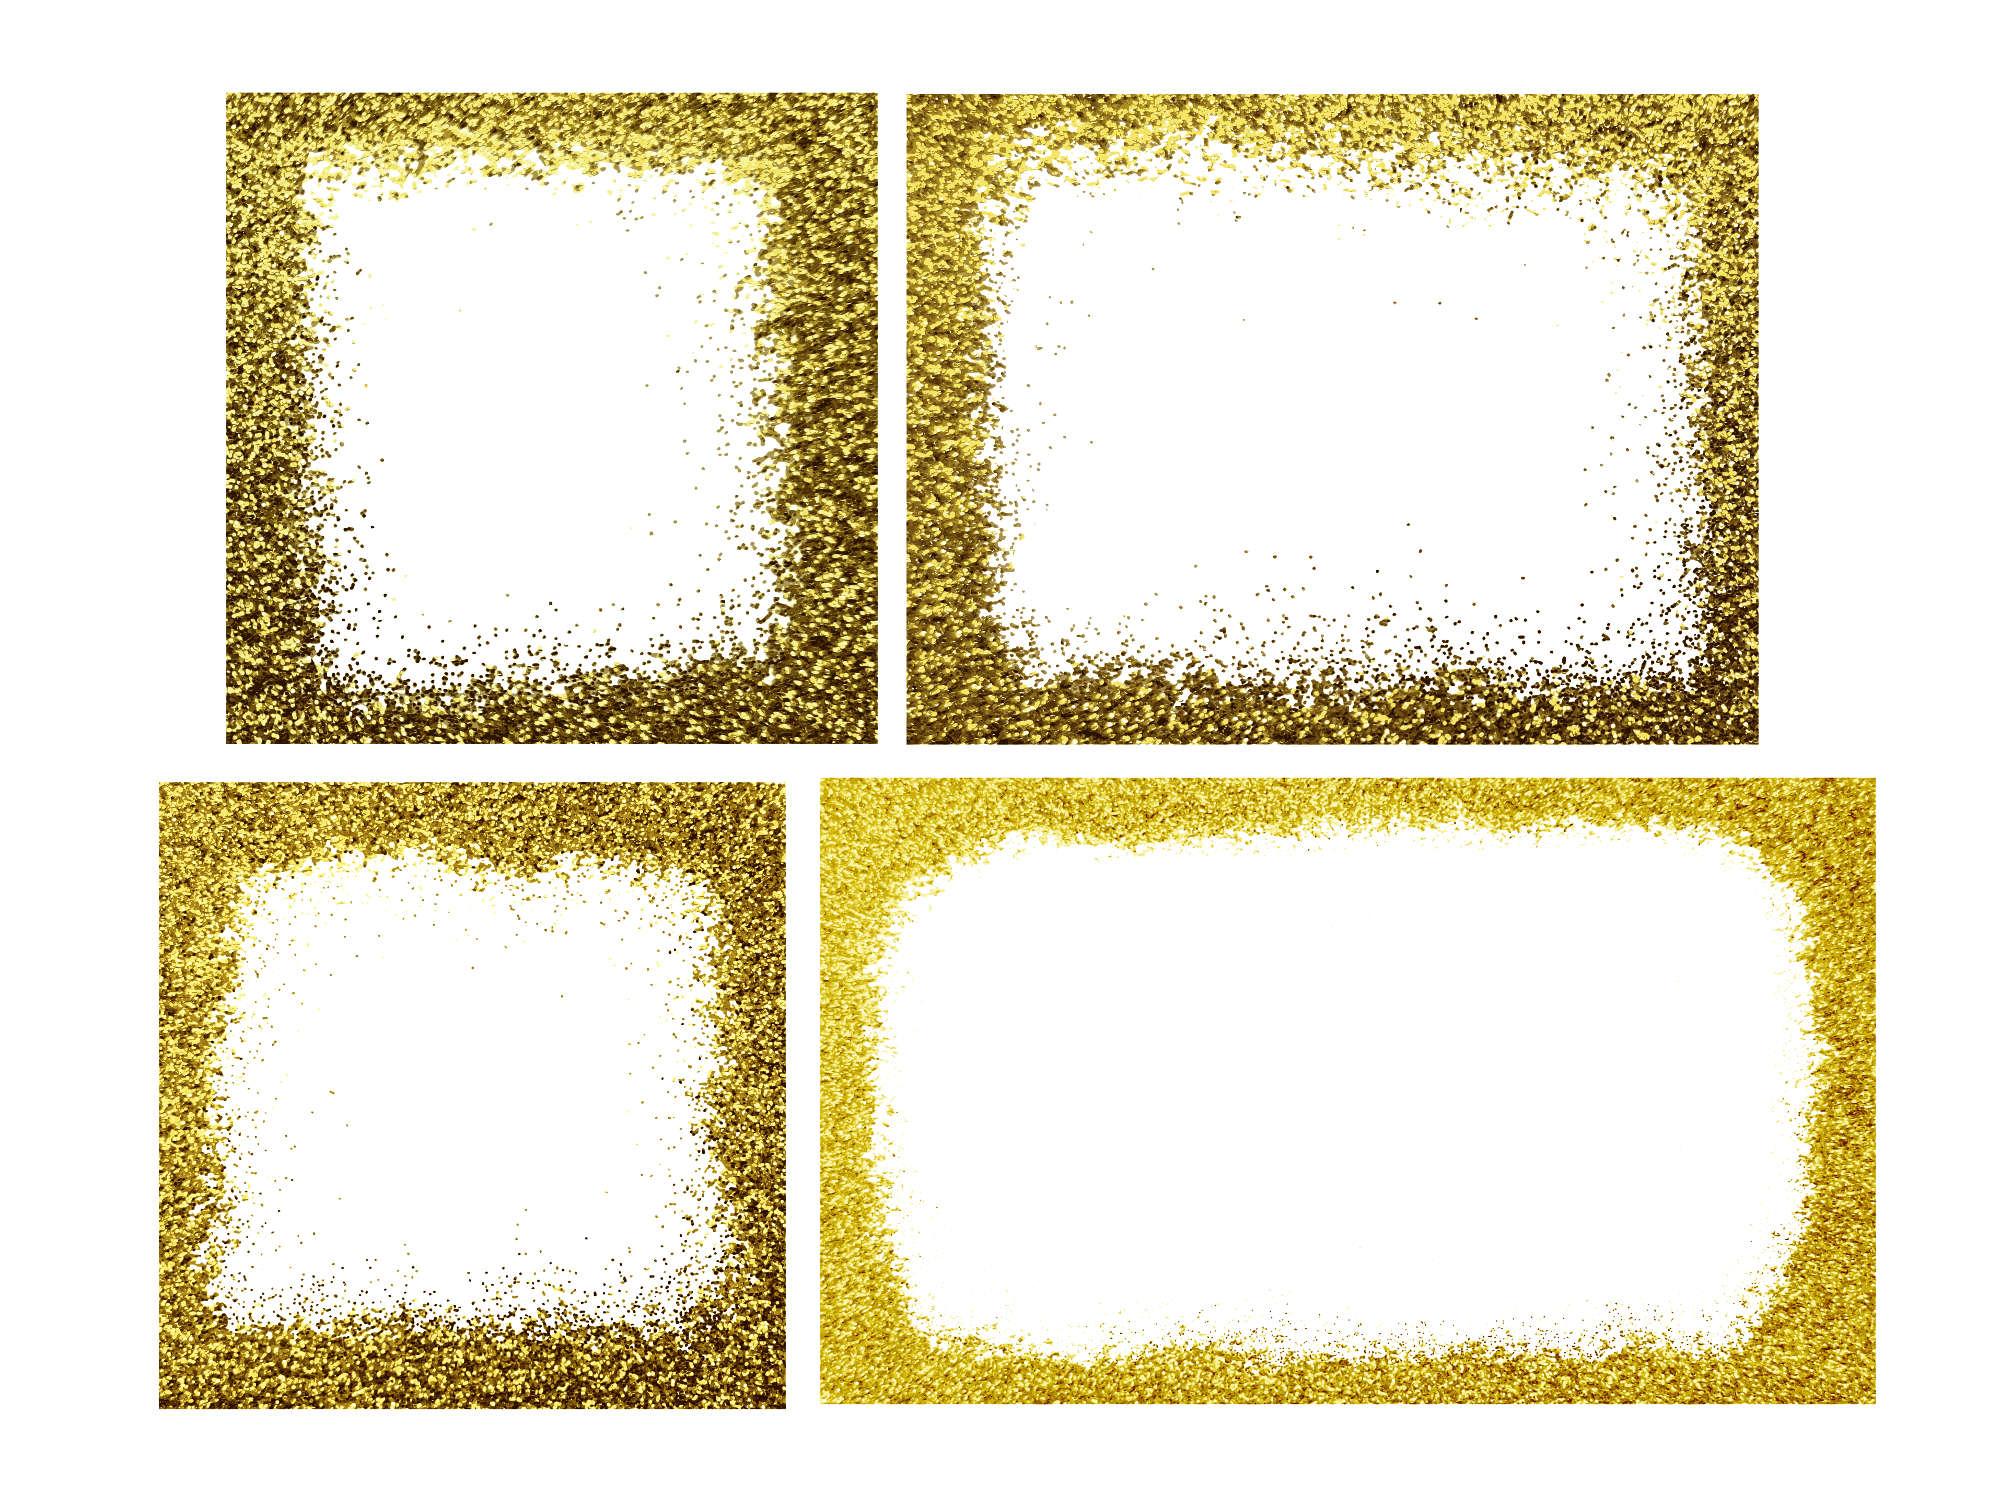 gold-glitter-frame-cover.jpg